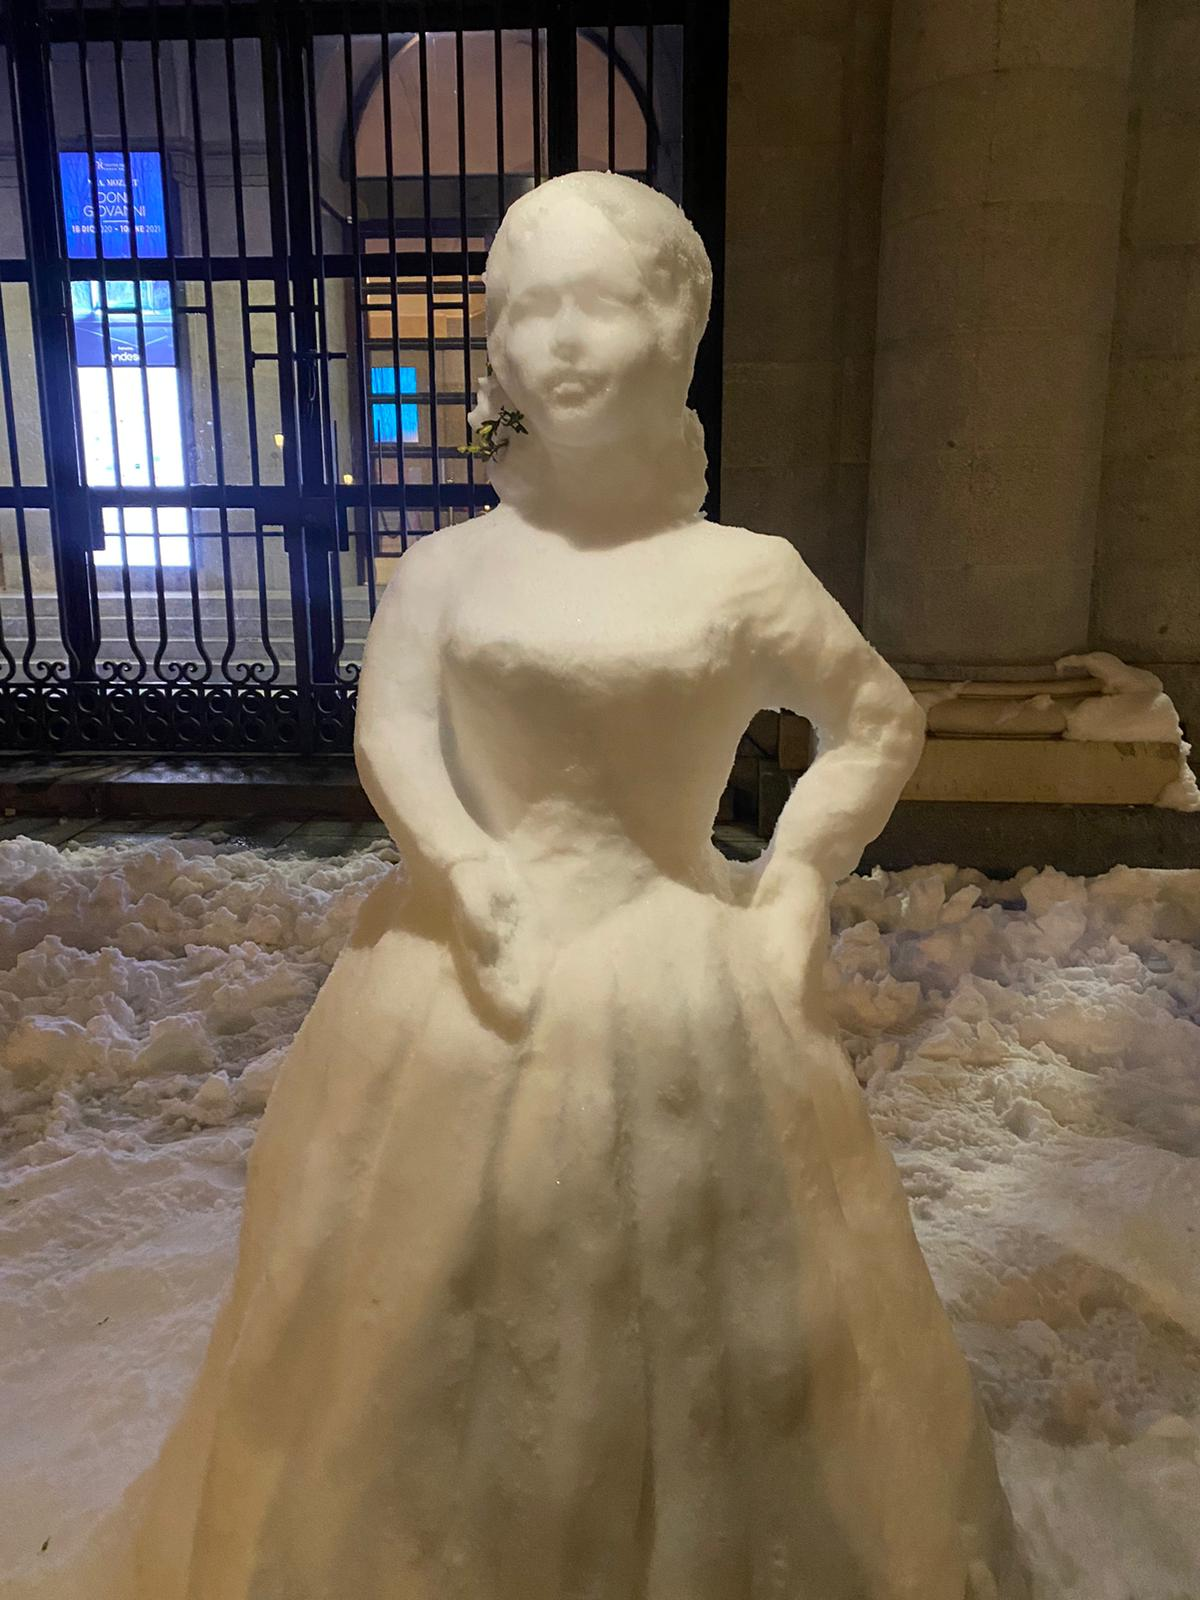 escultura de nieve frente a la Ópera